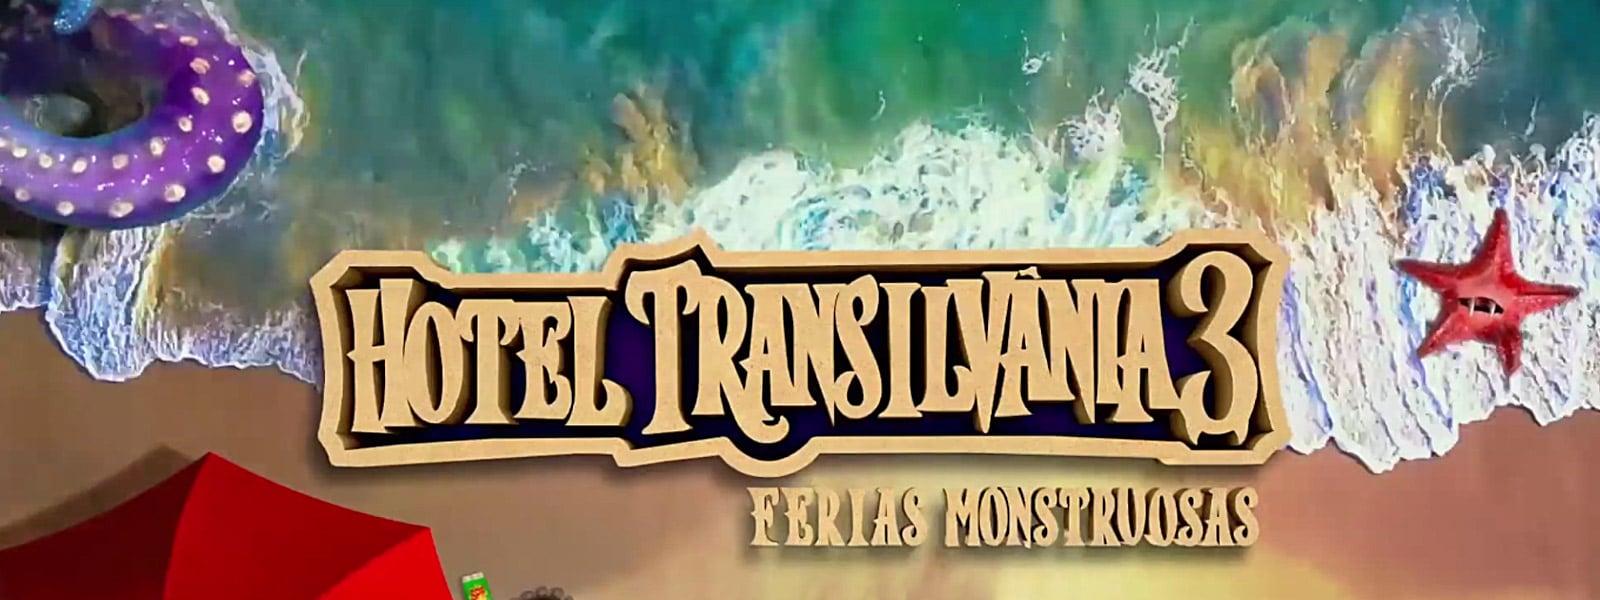 Filme - Hotel Transilvânia 3 - Férias Monstruosas